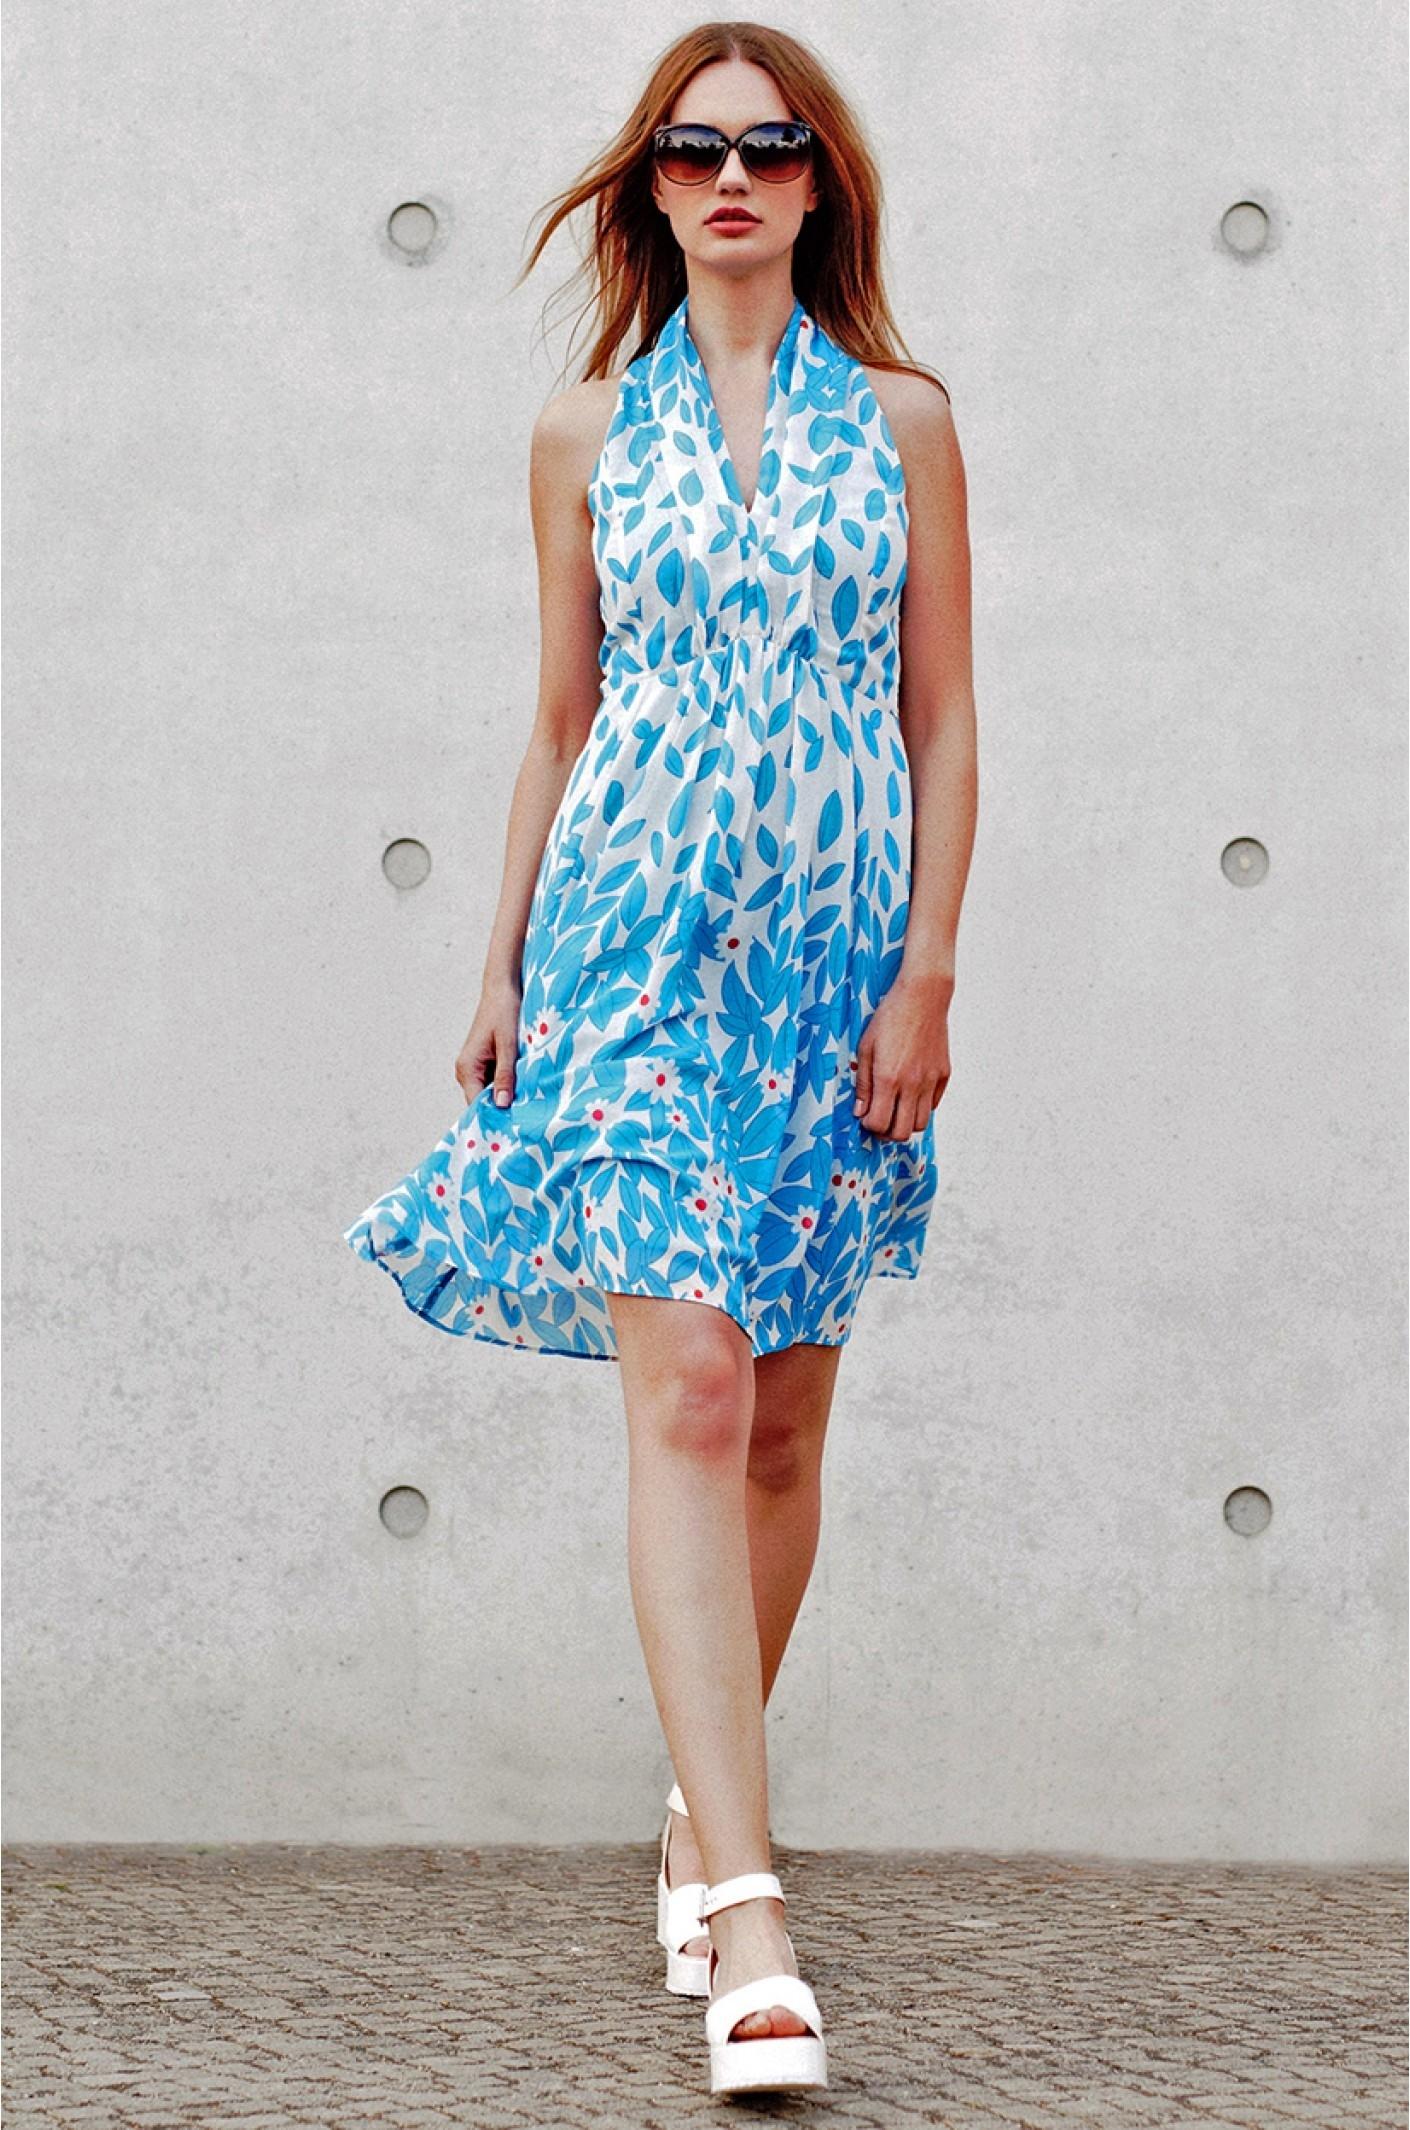 Designer Schön Sommerkleid Blau Boutique10 Luxus Sommerkleid Blau Spezialgebiet